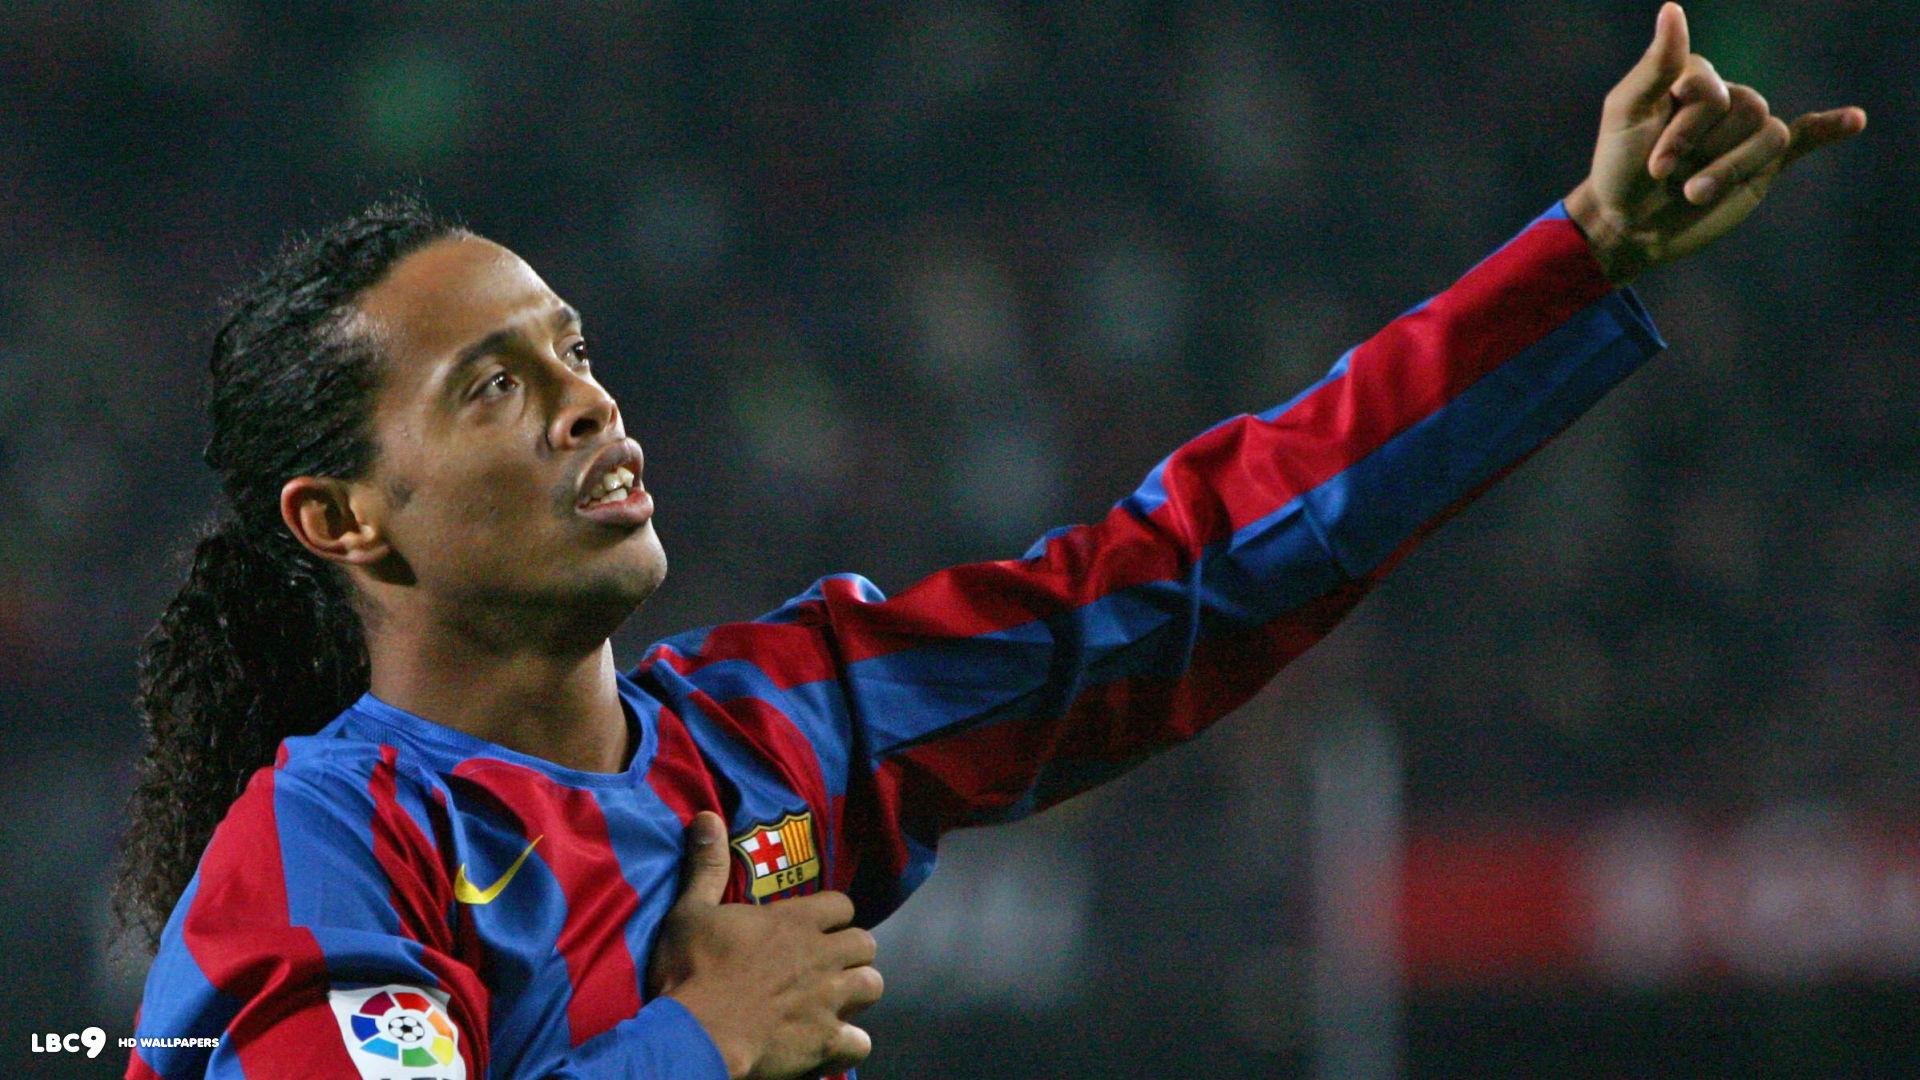 Clamoroso, il futuro di Ronaldinho sarà in Angola?